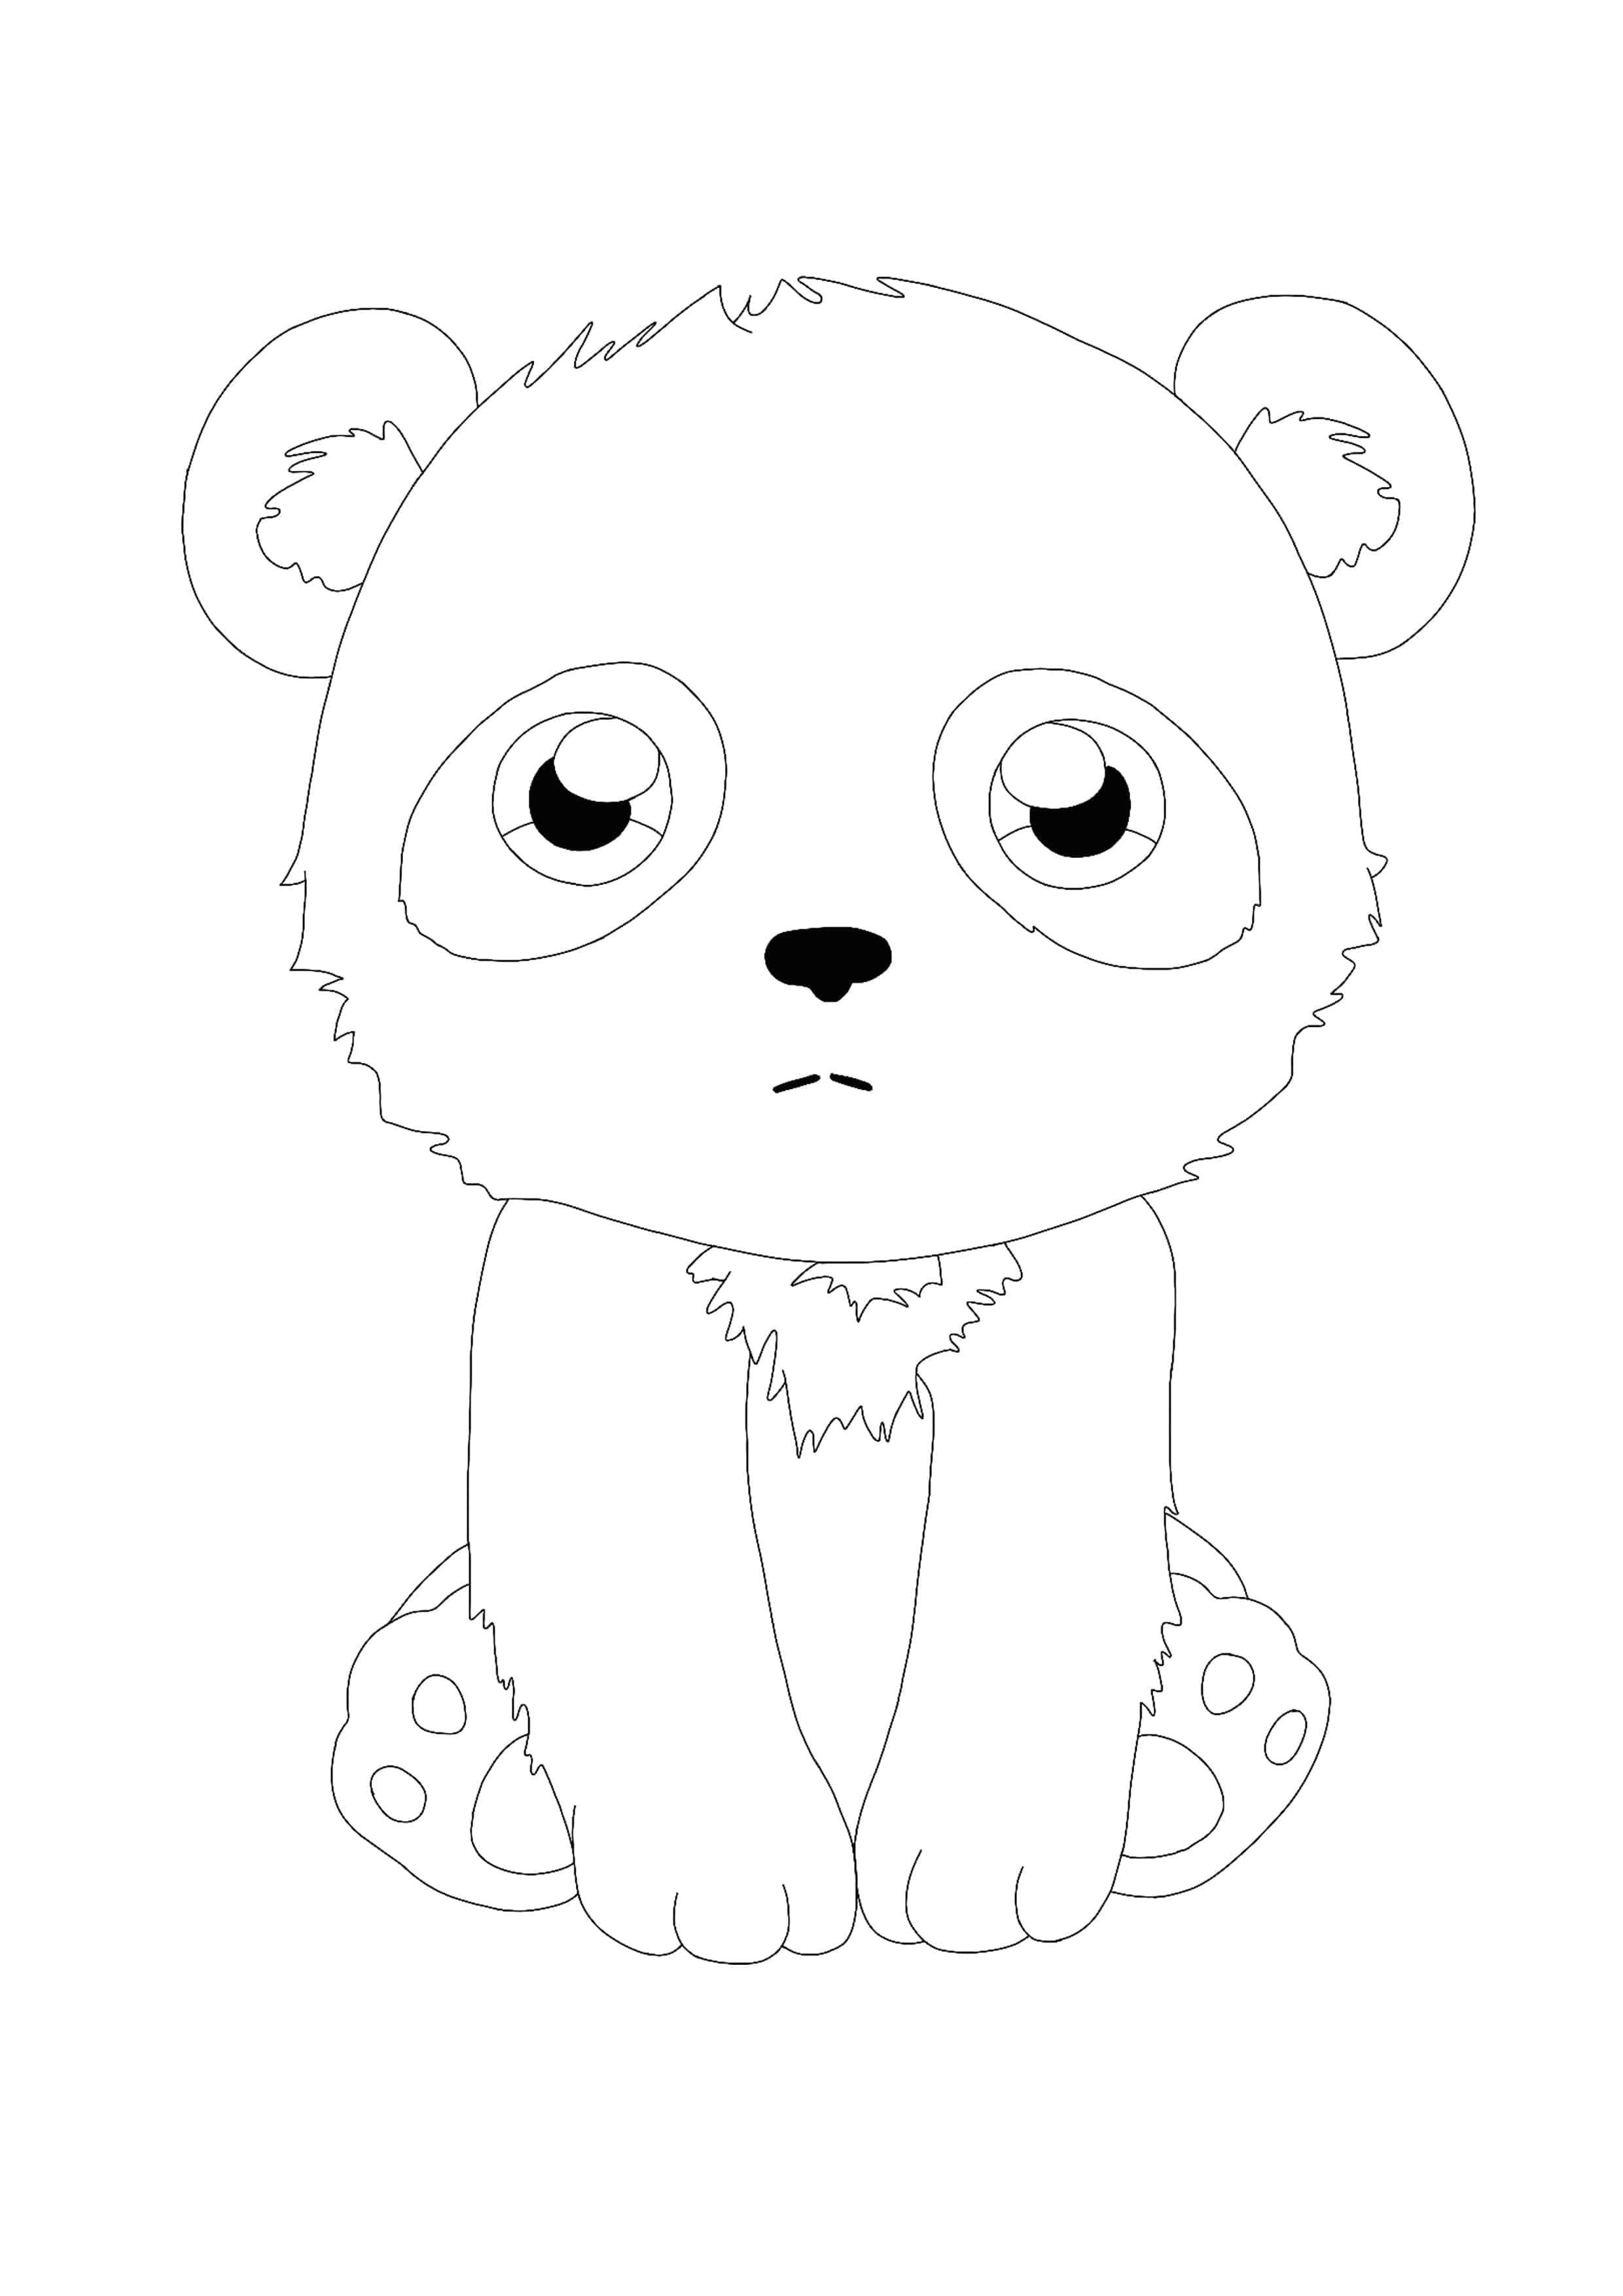 Kawaii Panda Coloring Page Cat Coloring Page Panda Coloring Pages Manga Coloring Book